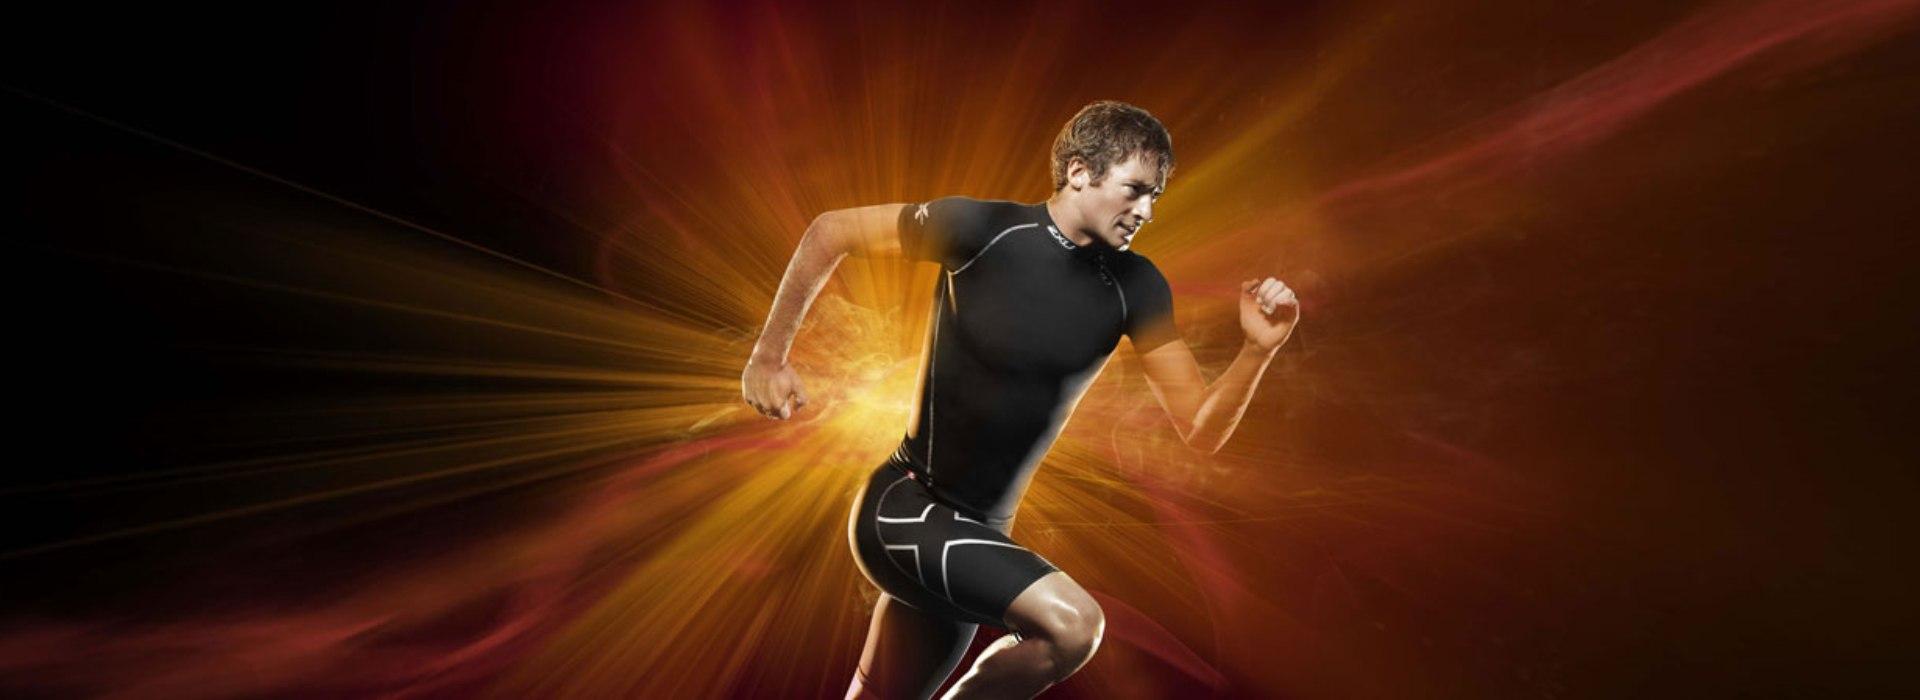 Товары для похудения, спорта и фитнеса